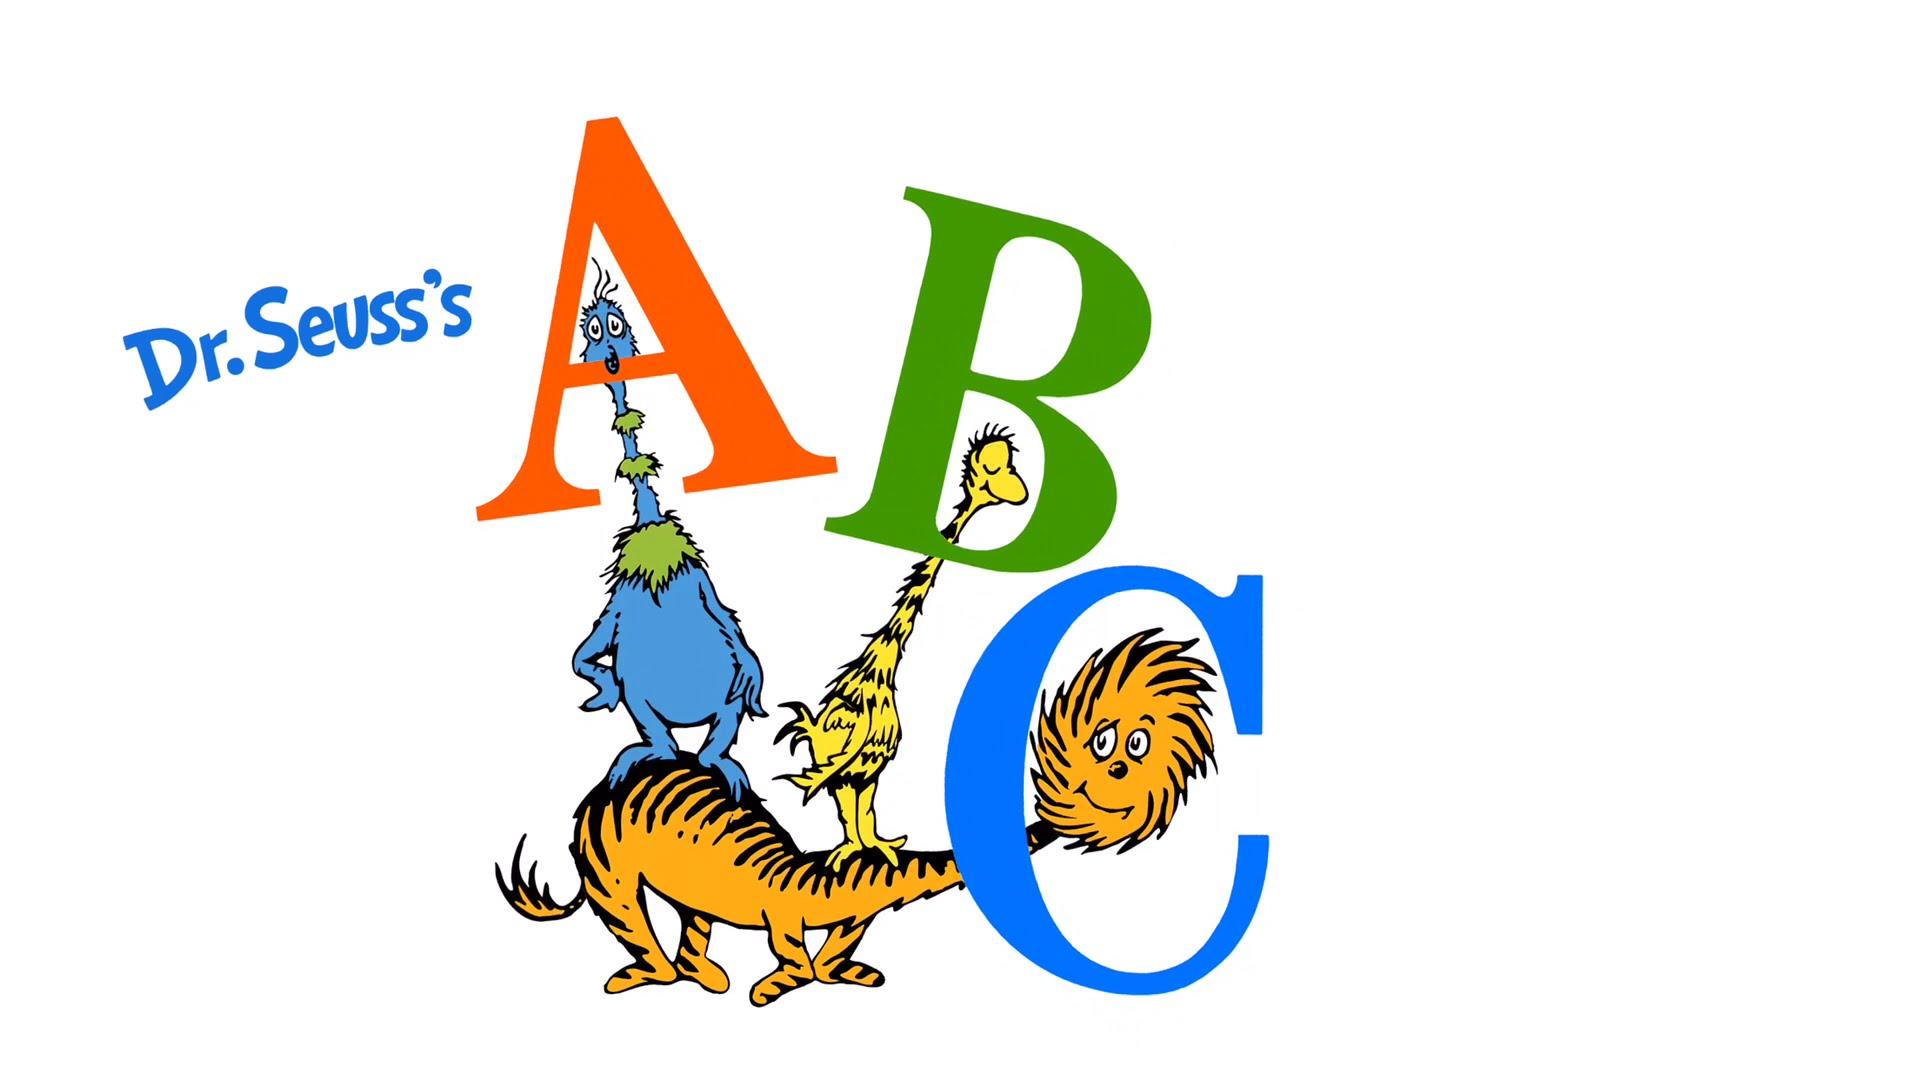 1920x1080 Dr. Seuss's Abc